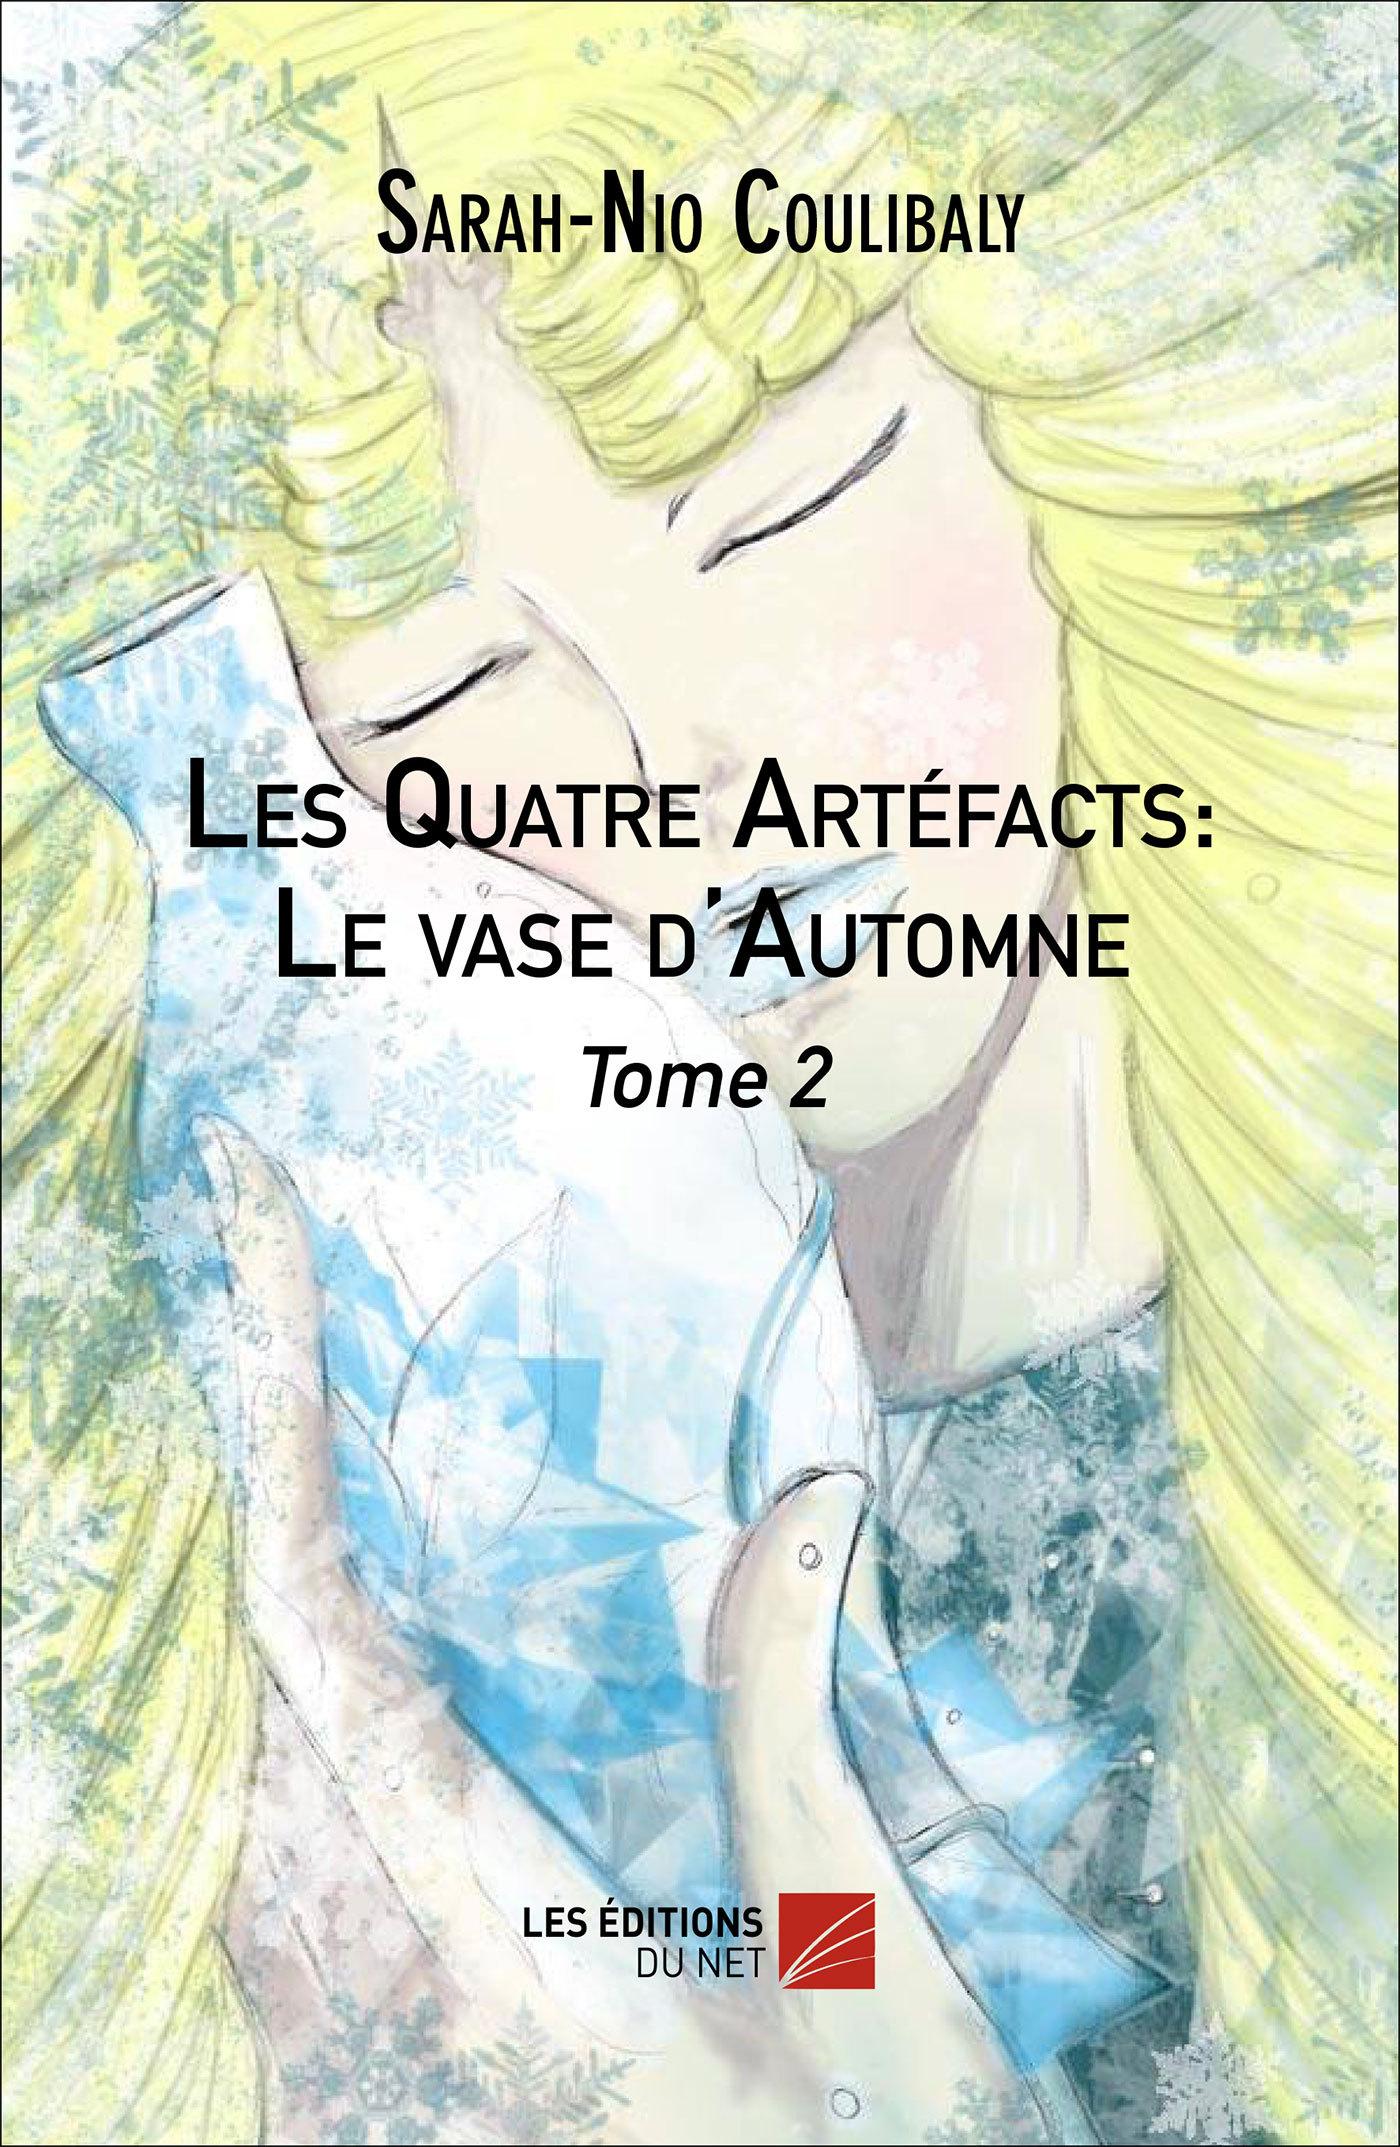 LES QUATRE ARTEFACTS: LE VASE D'AUTOMNE - TOME 2